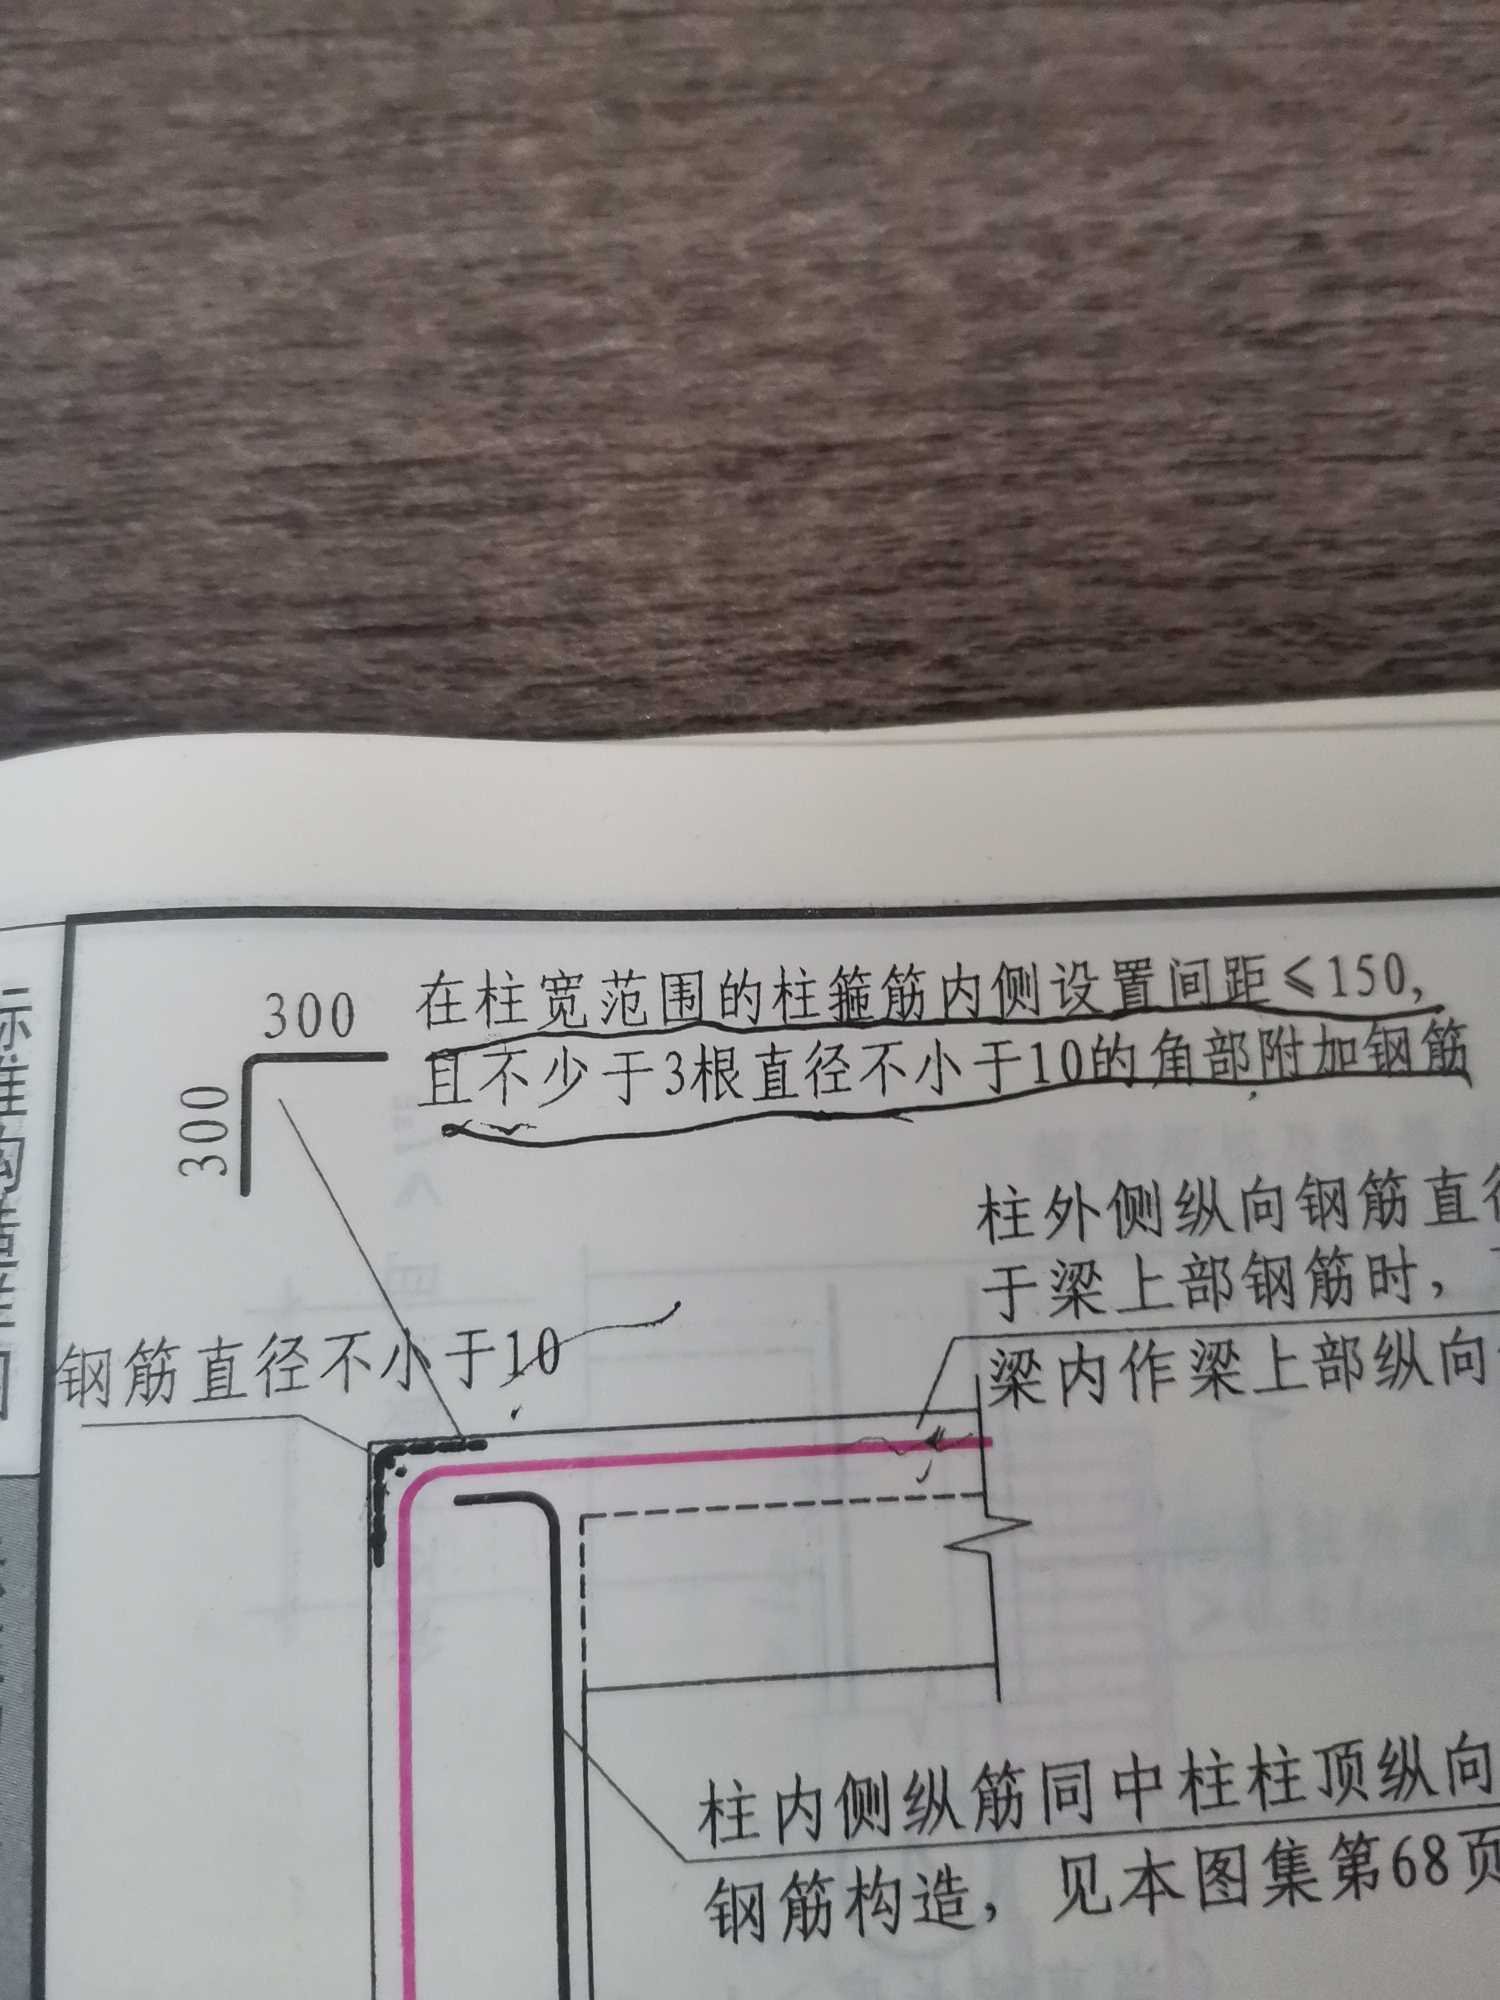 土建,山东,答疑:柱的角部附加筋是只有顶层需要布置嘛-山东土建,